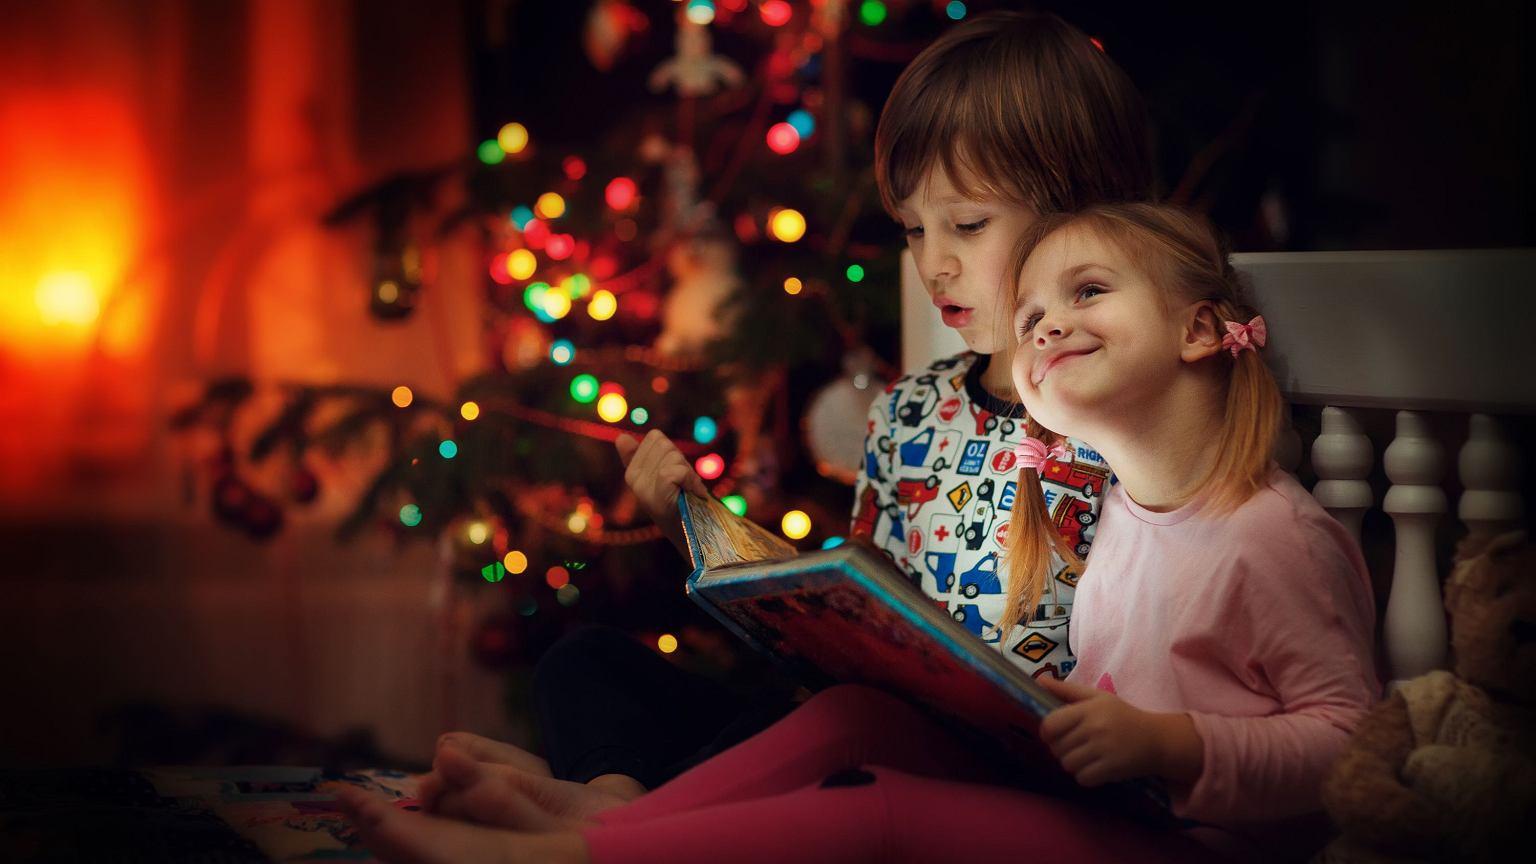 Opowiadanie O Choince Dla Dzieci Czyli Jak Przybliżyć